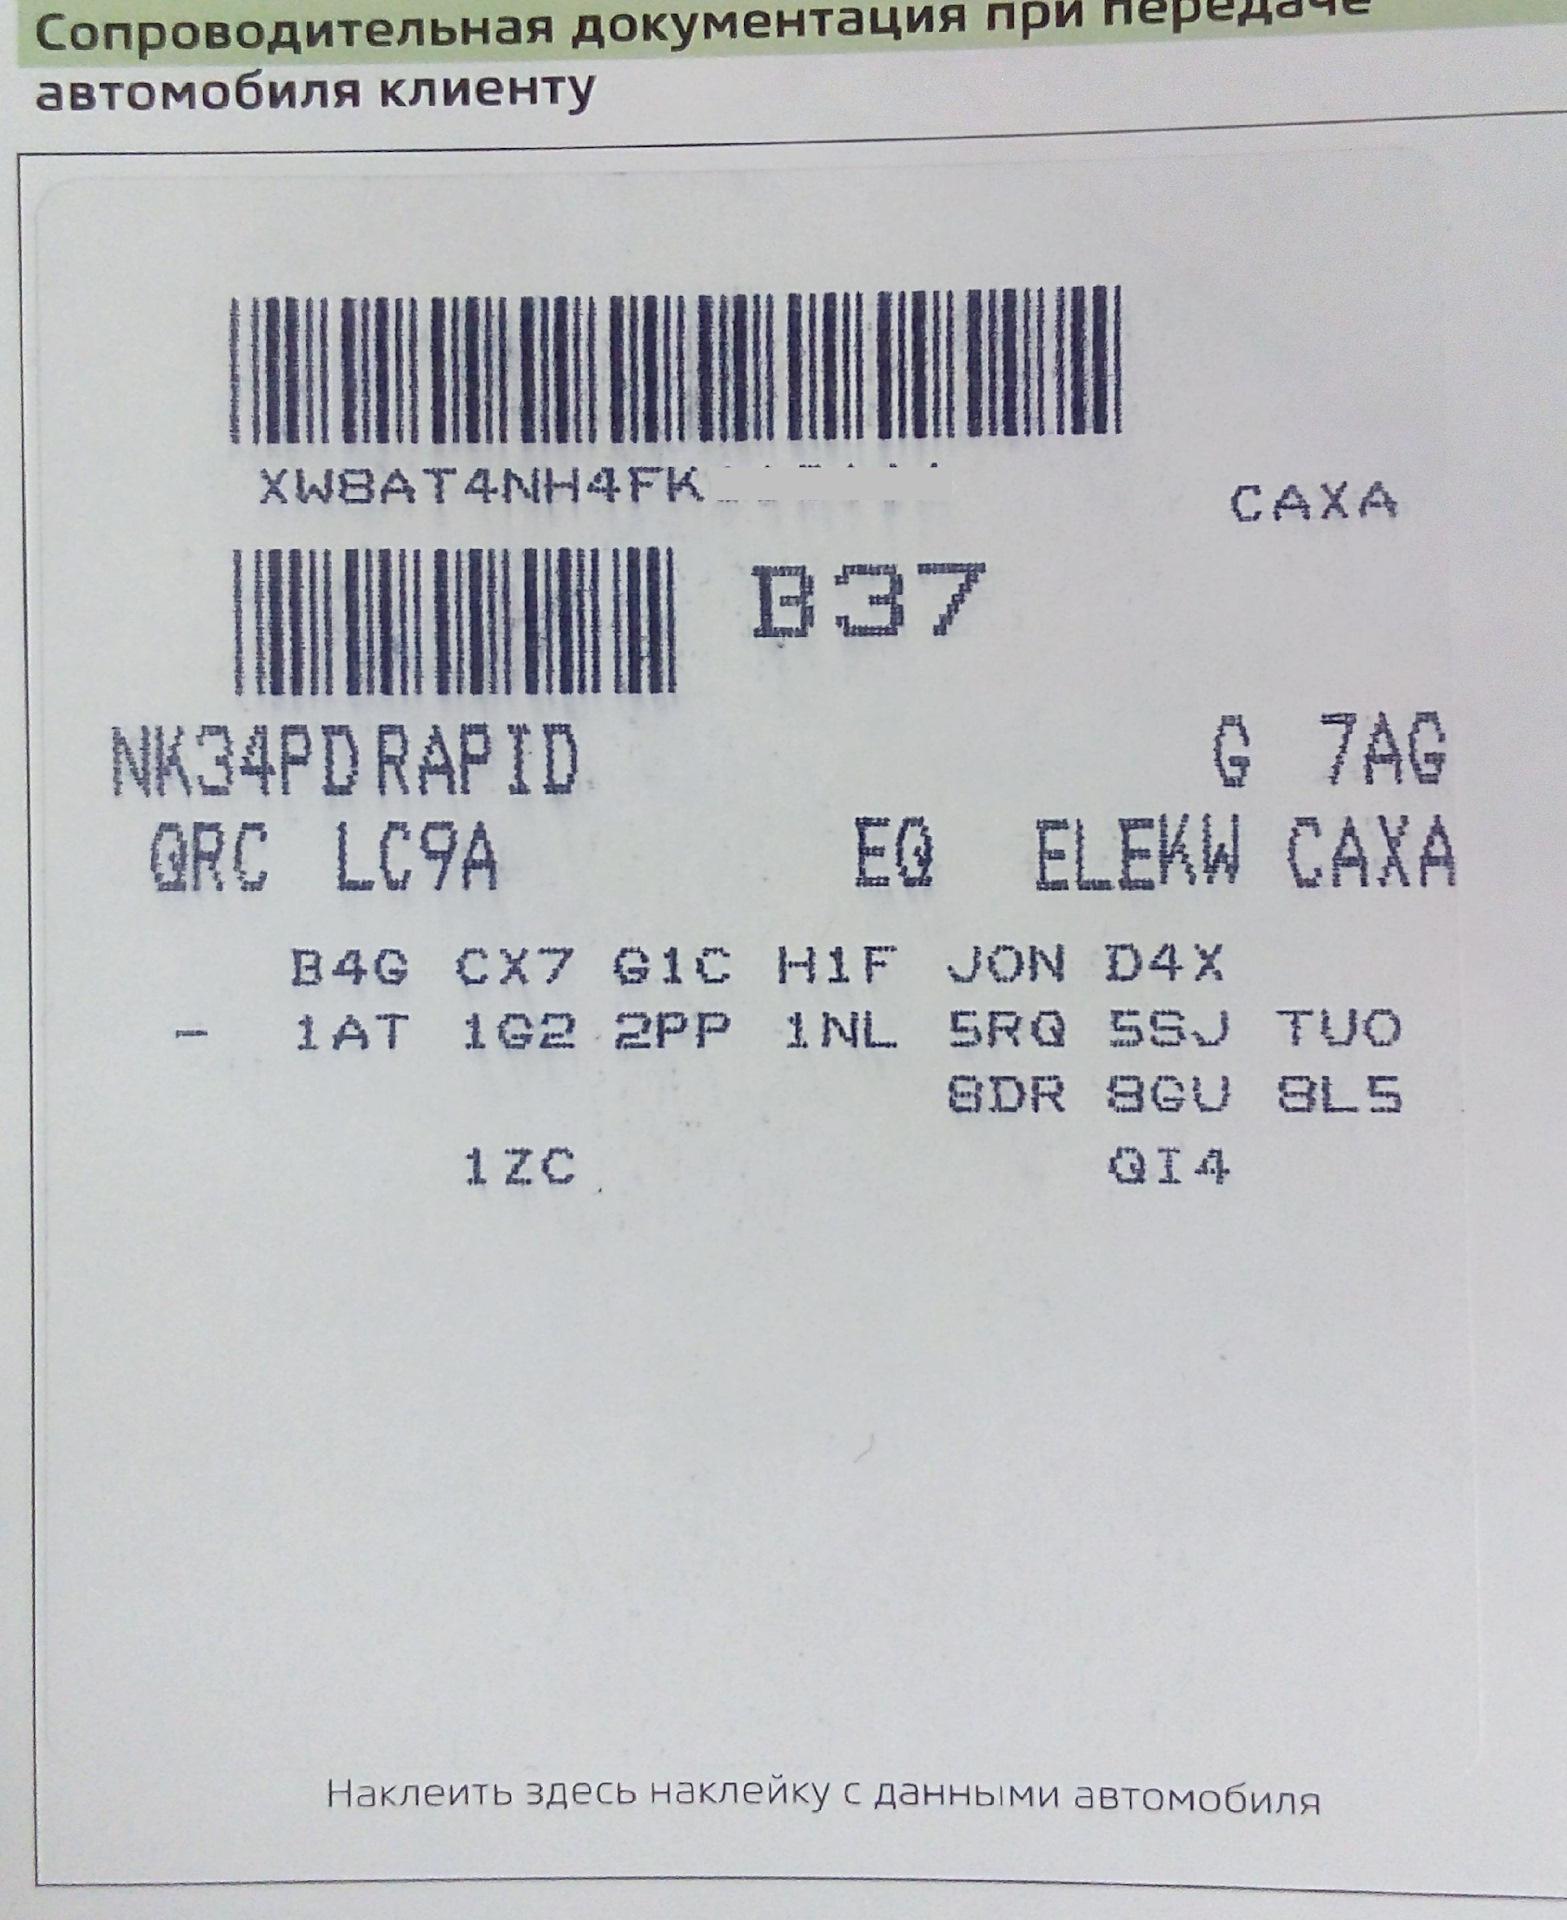 расшифровка кодов дополнительный опция skoda